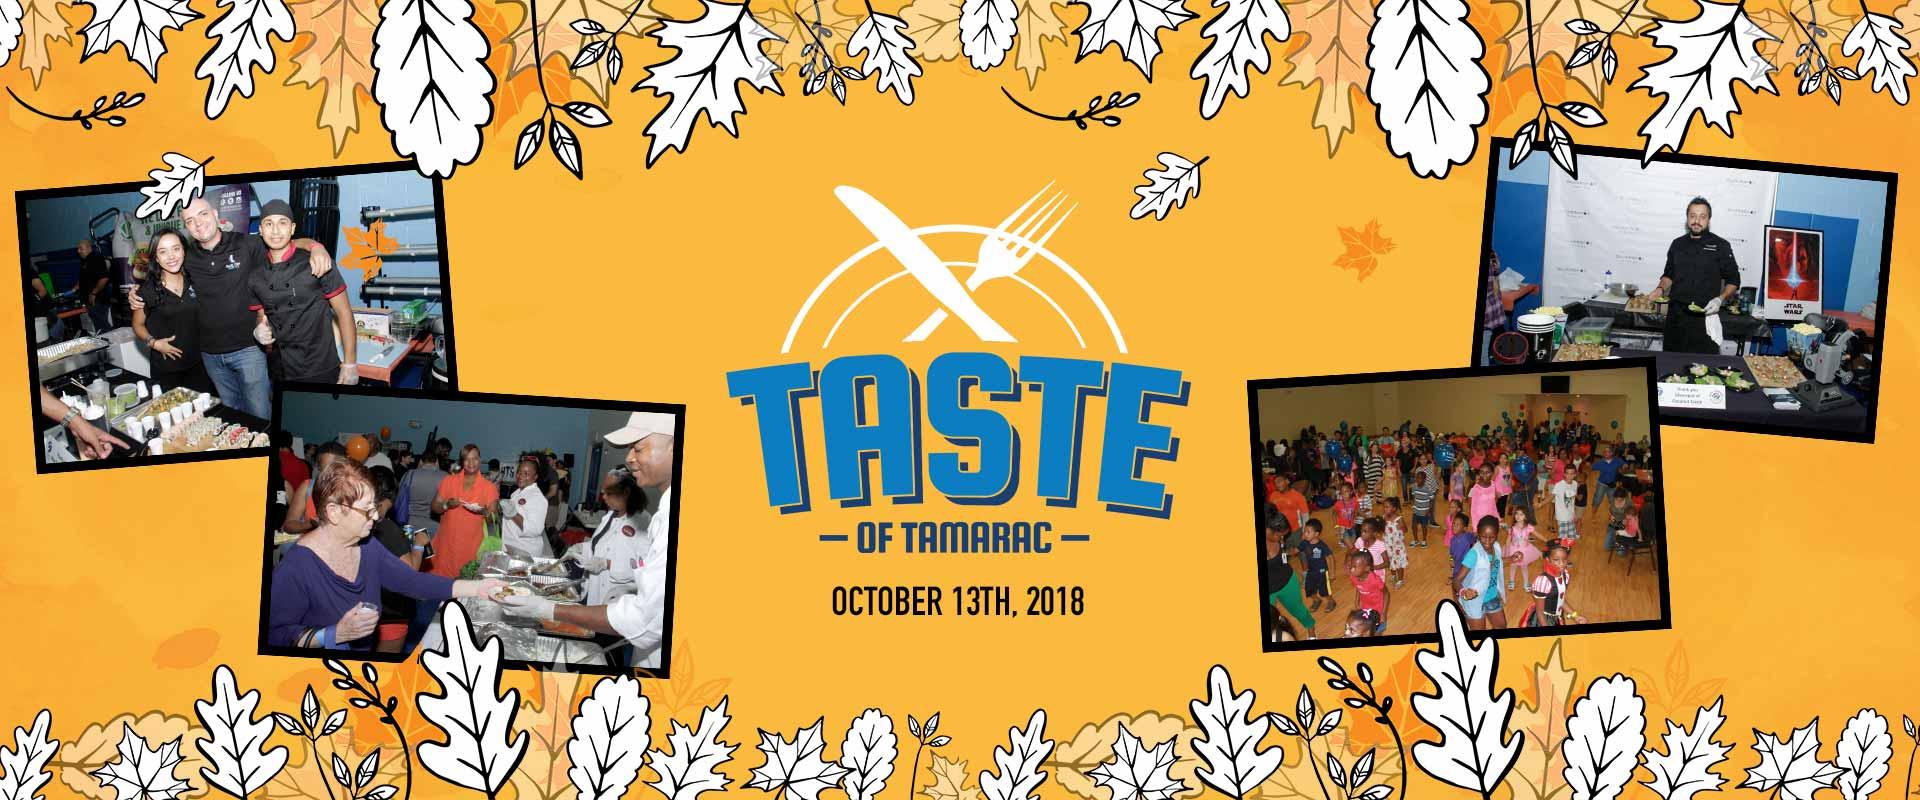 taste-of-tamarac